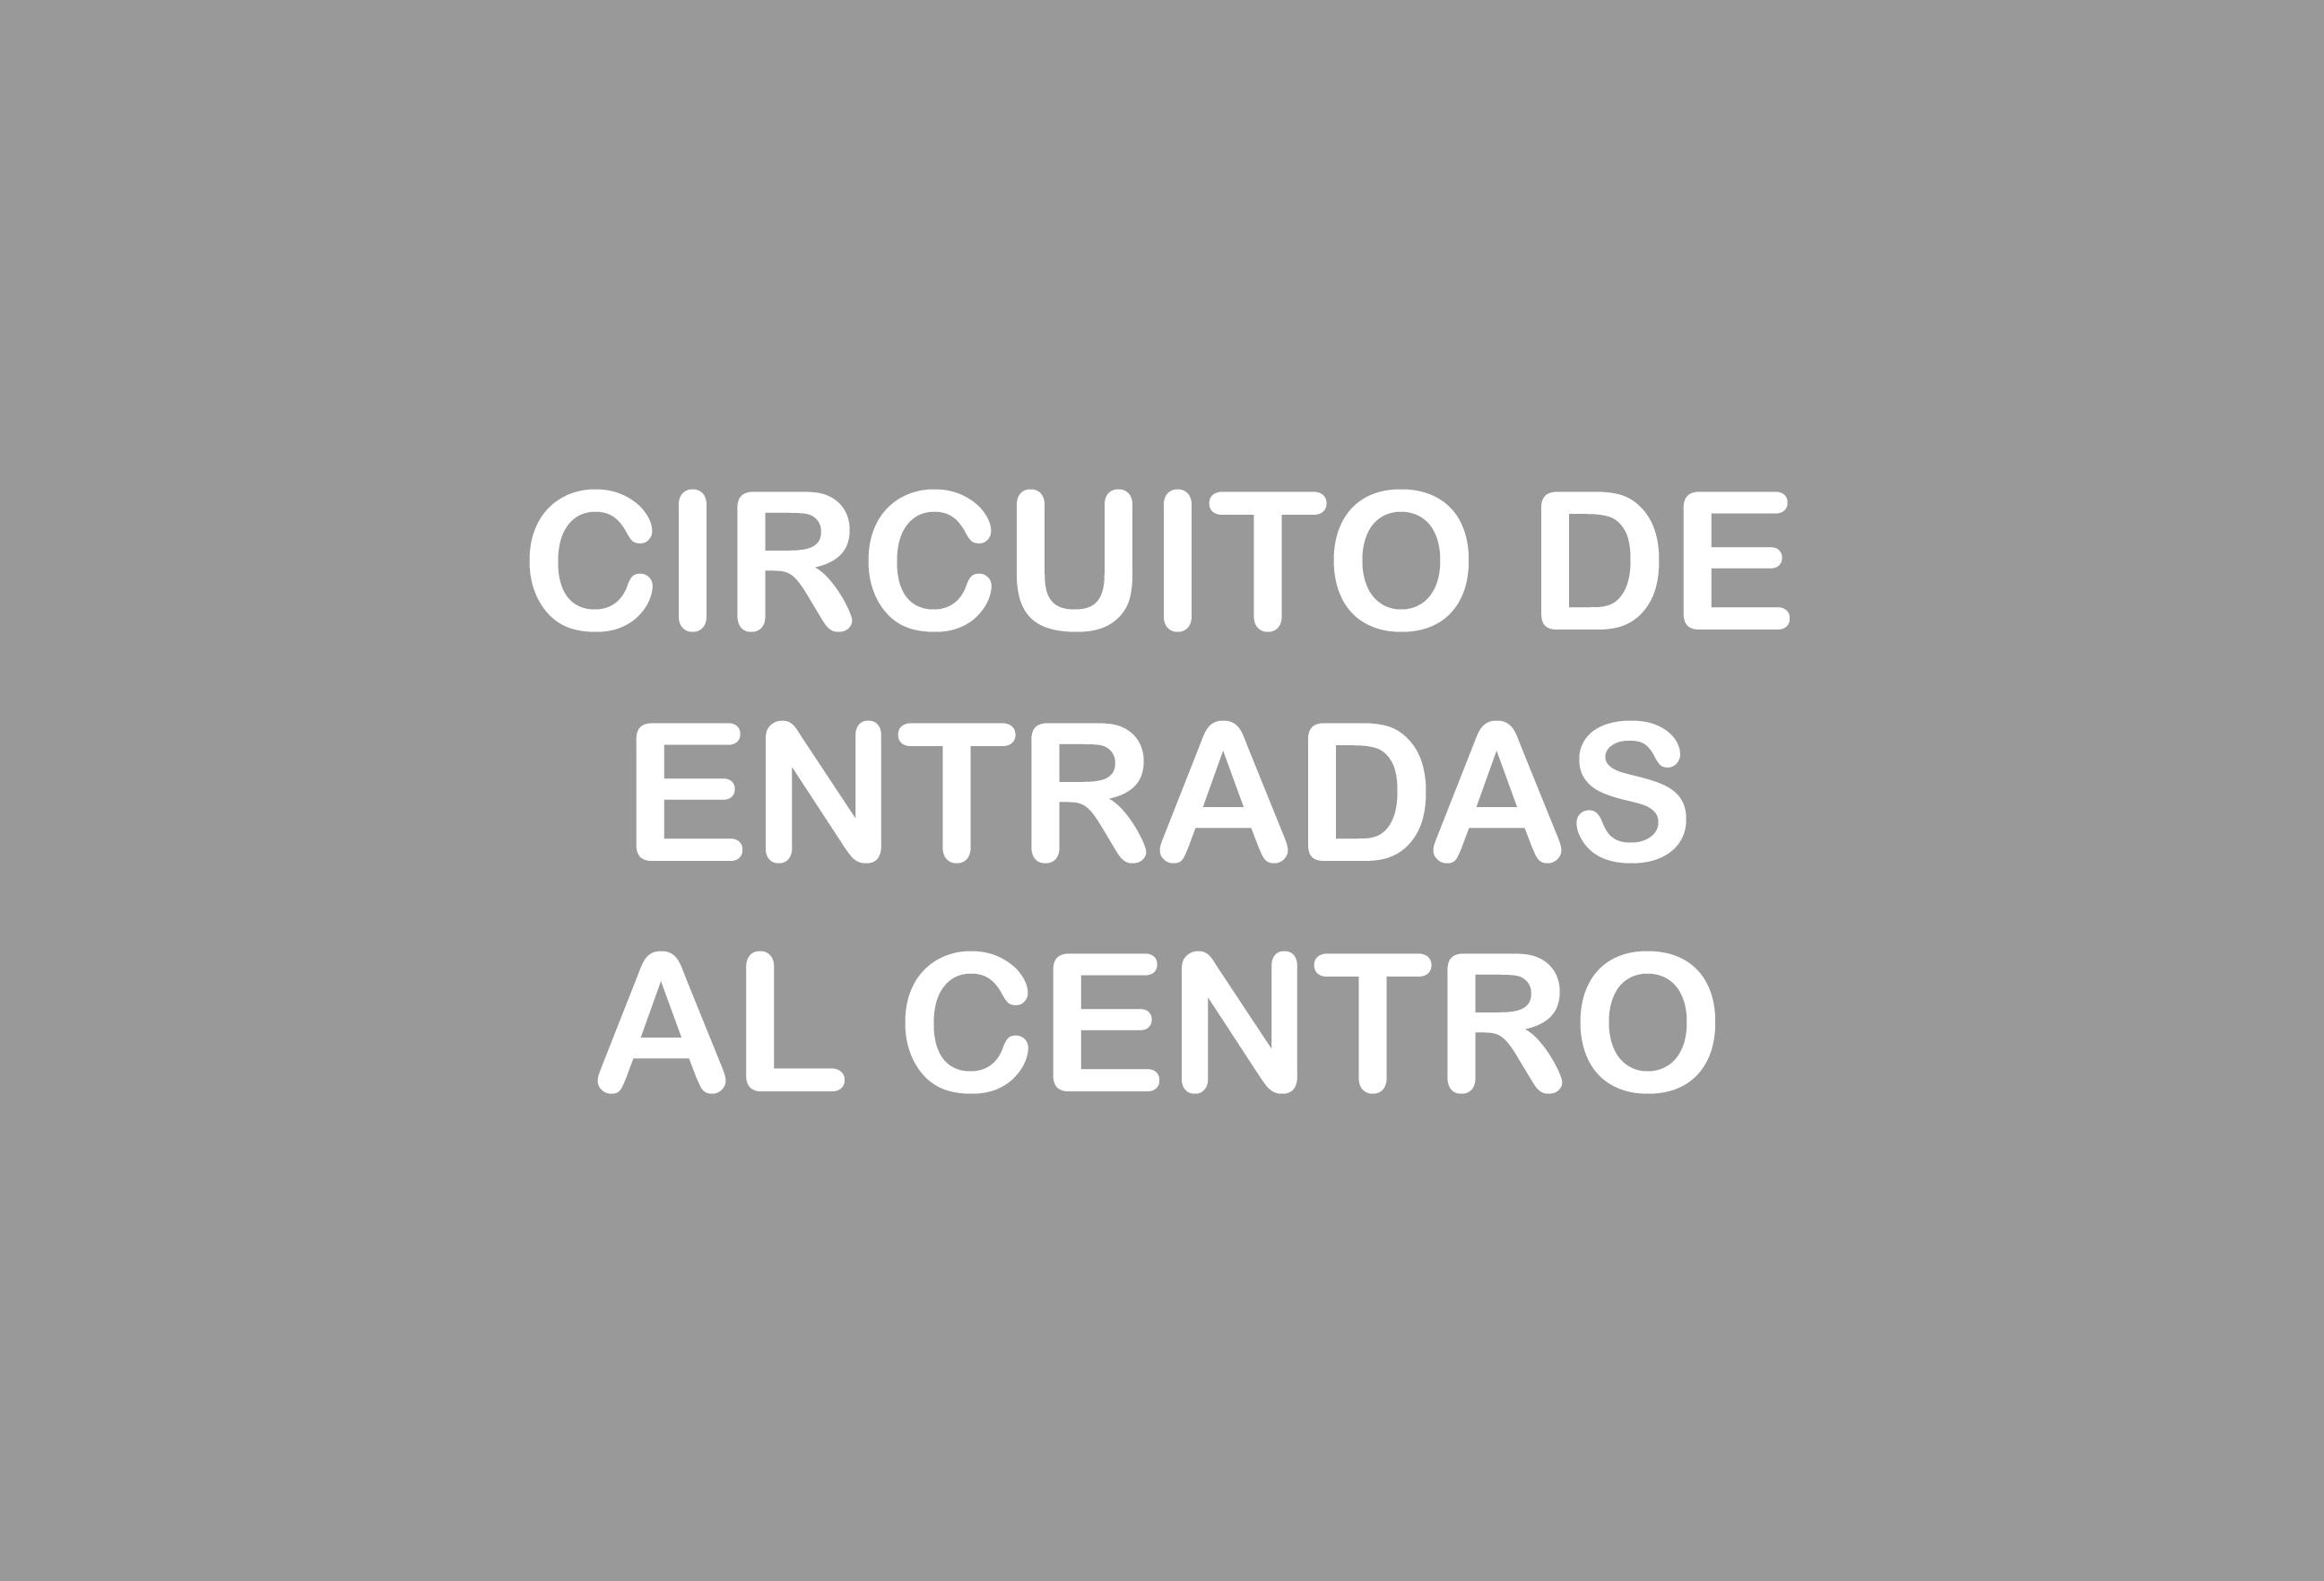 circuito-entradas-centro